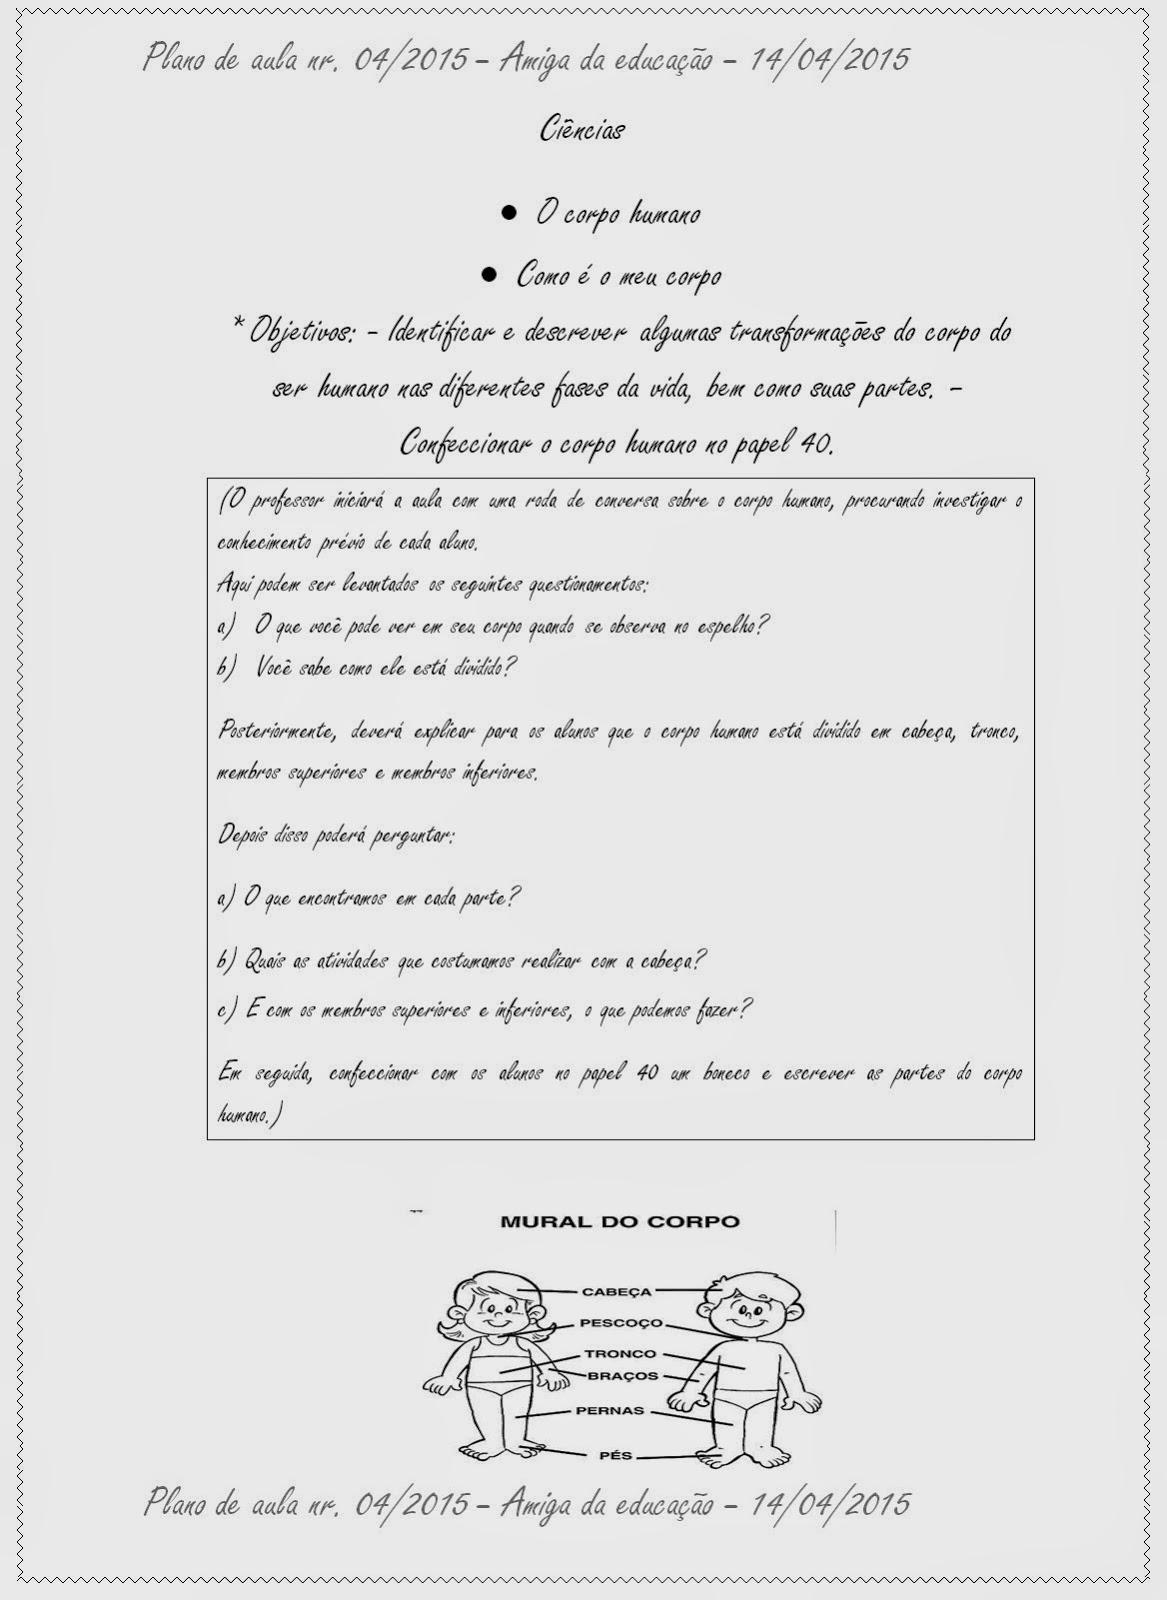 Amiga Da Educacao Plano De Aula Nr 04 Lingua